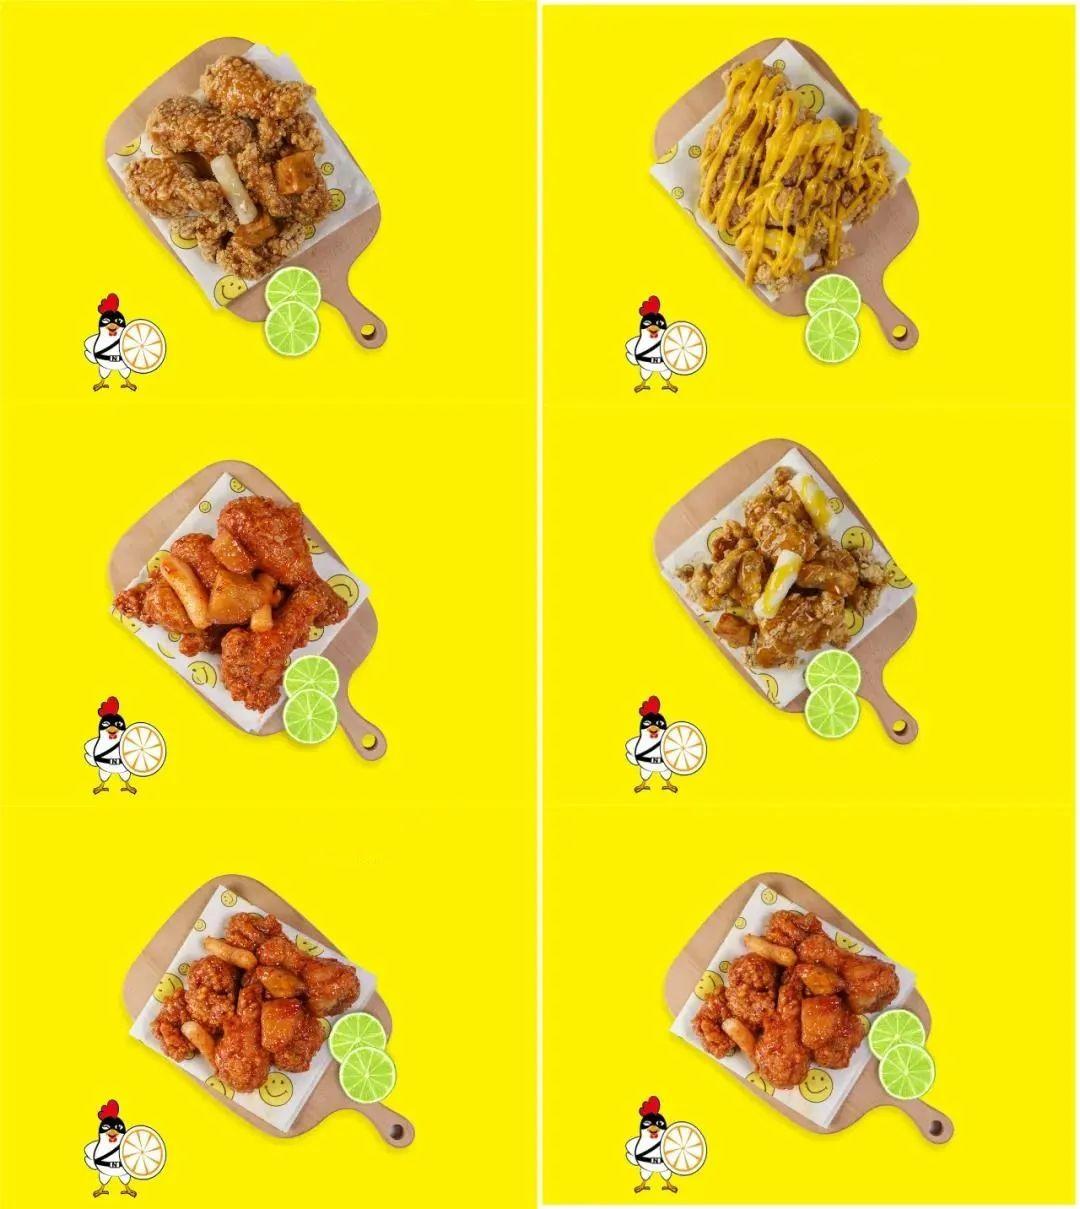 【两店通用 ,无需预约】【京笙韩国炸鸡】年轻活力,美味实惠的炸鸡福利来袭~仅29.9元享京笙韩国炸鸡!